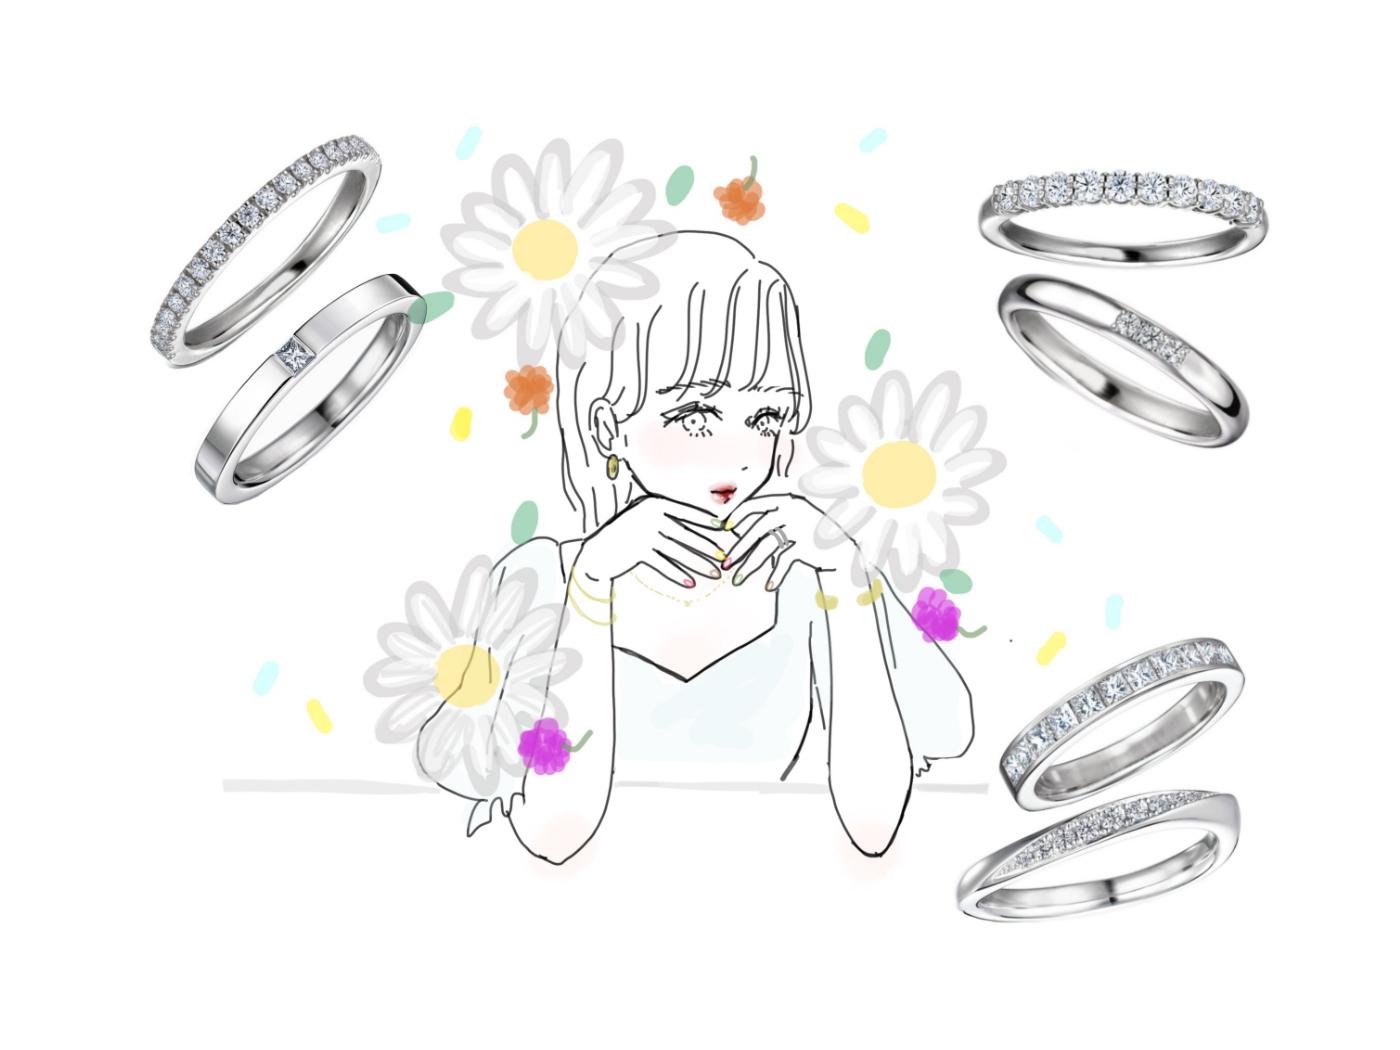 エタニティリングと結婚指輪を重ねたイラスト